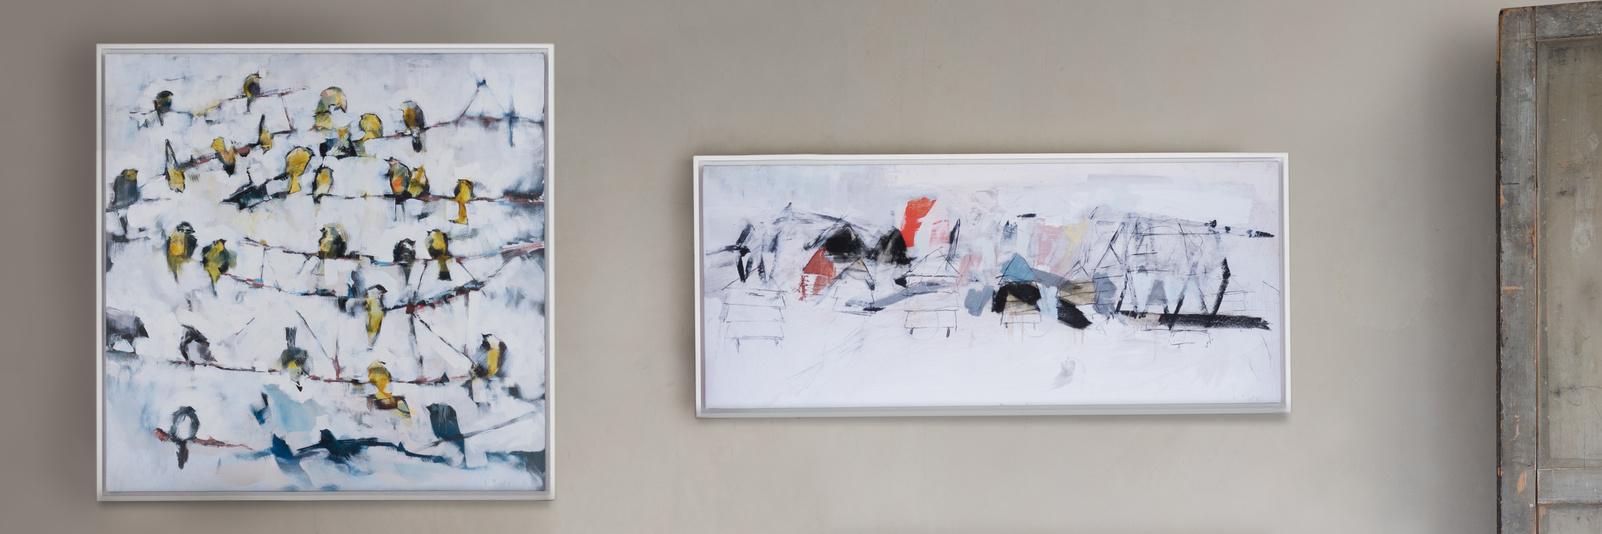 Ben Lowe art canvas framed print